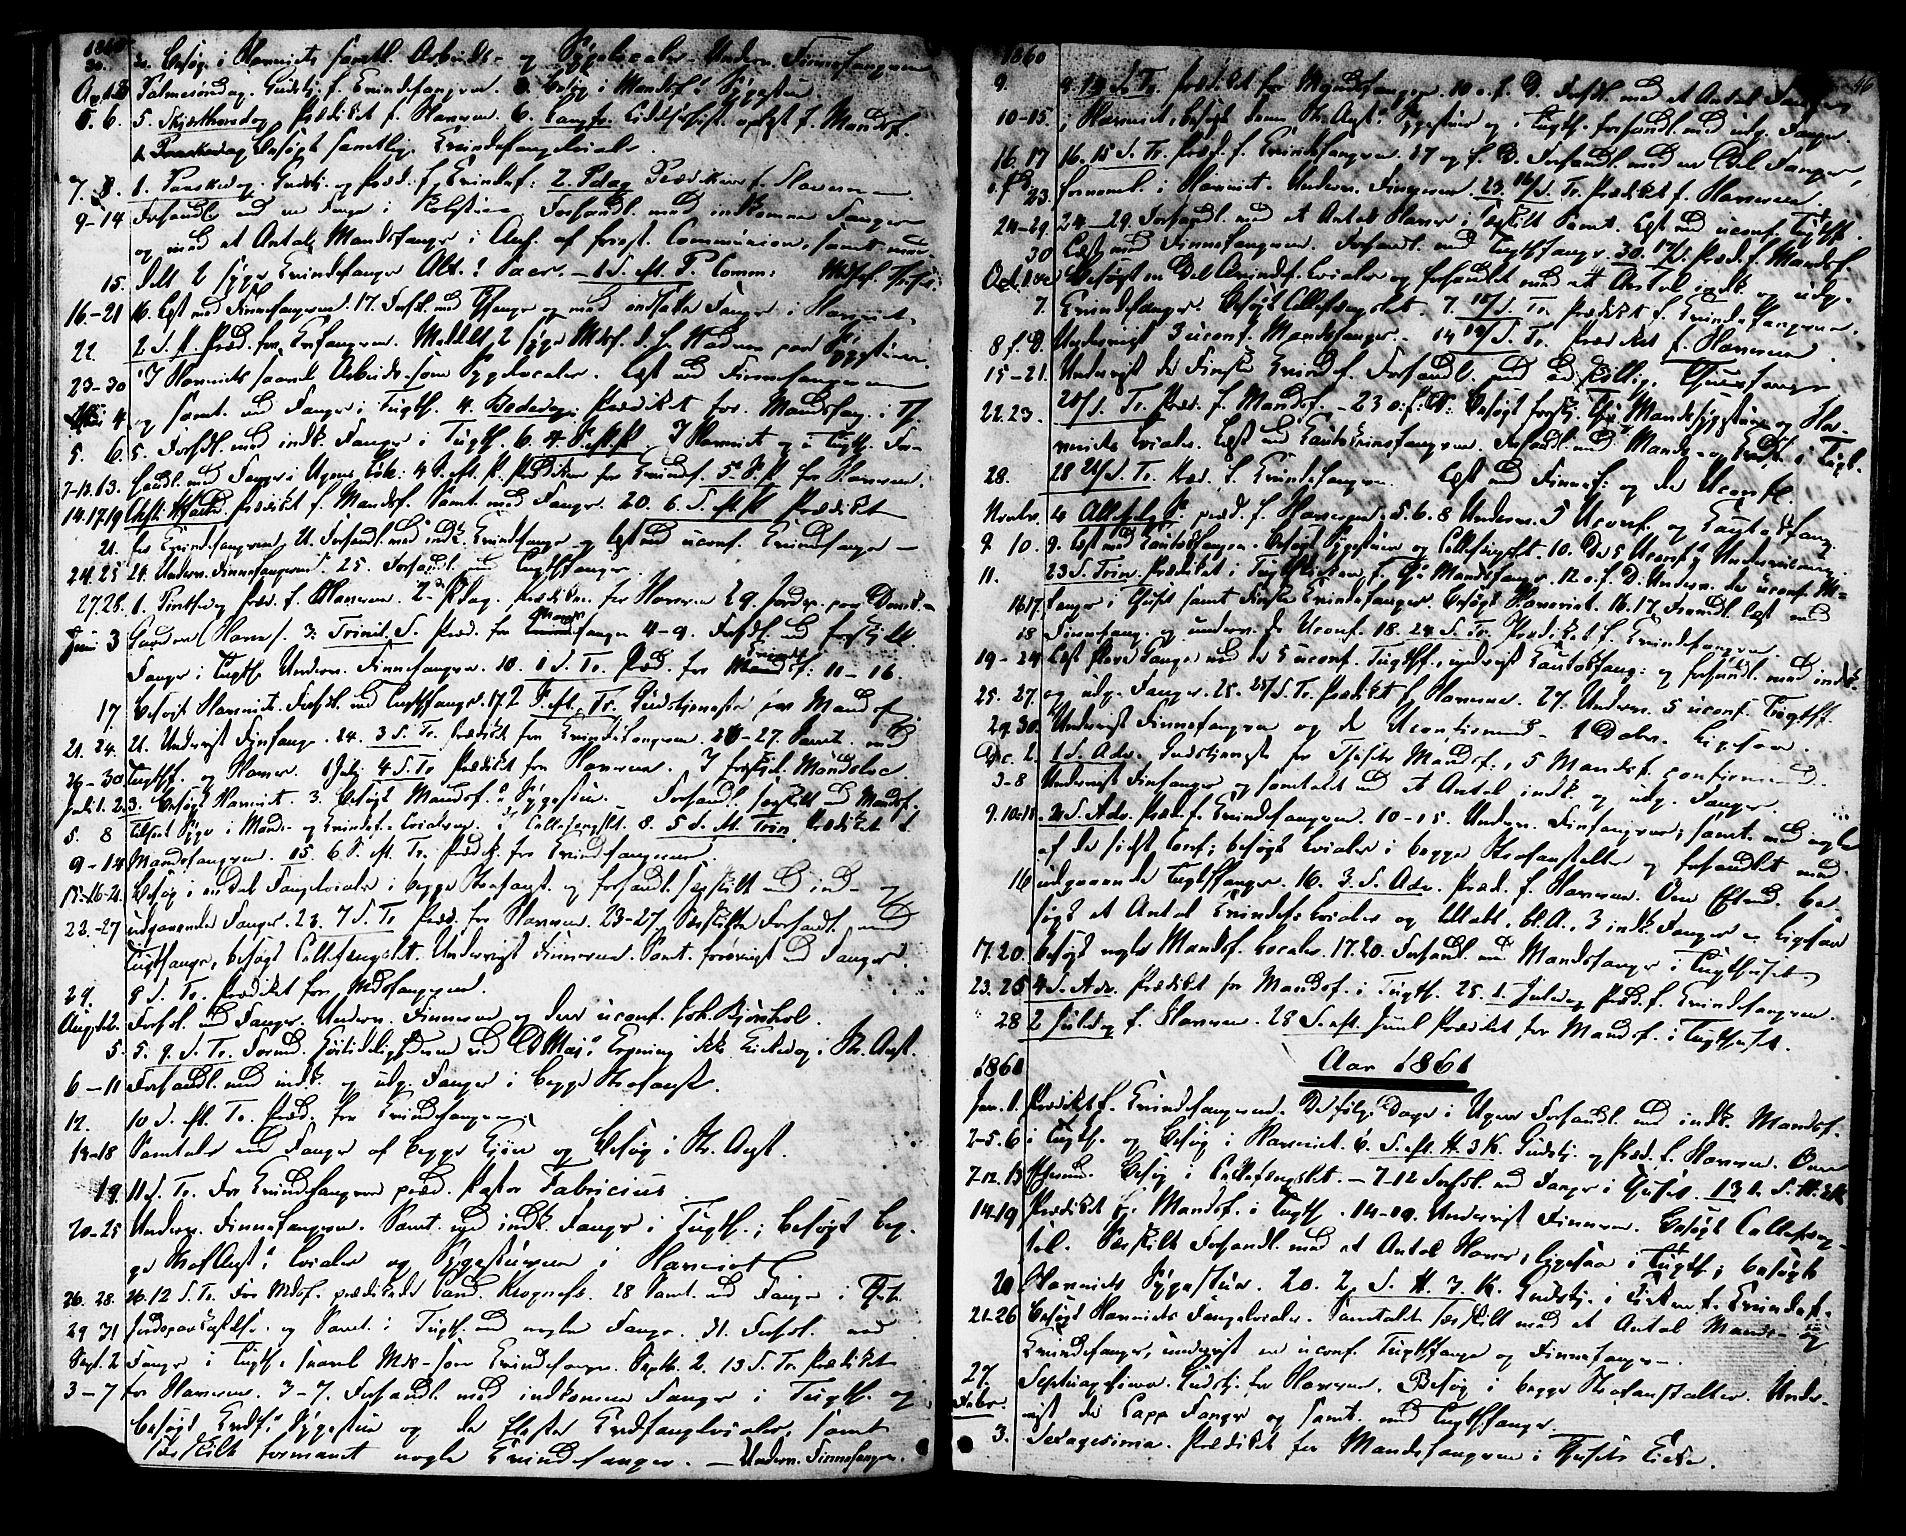 SAT, Ministerialprotokoller, klokkerbøker og fødselsregistre - Sør-Trøndelag, 624/L0481: Ministerialbok nr. 624A02, 1841-1869, s. 46